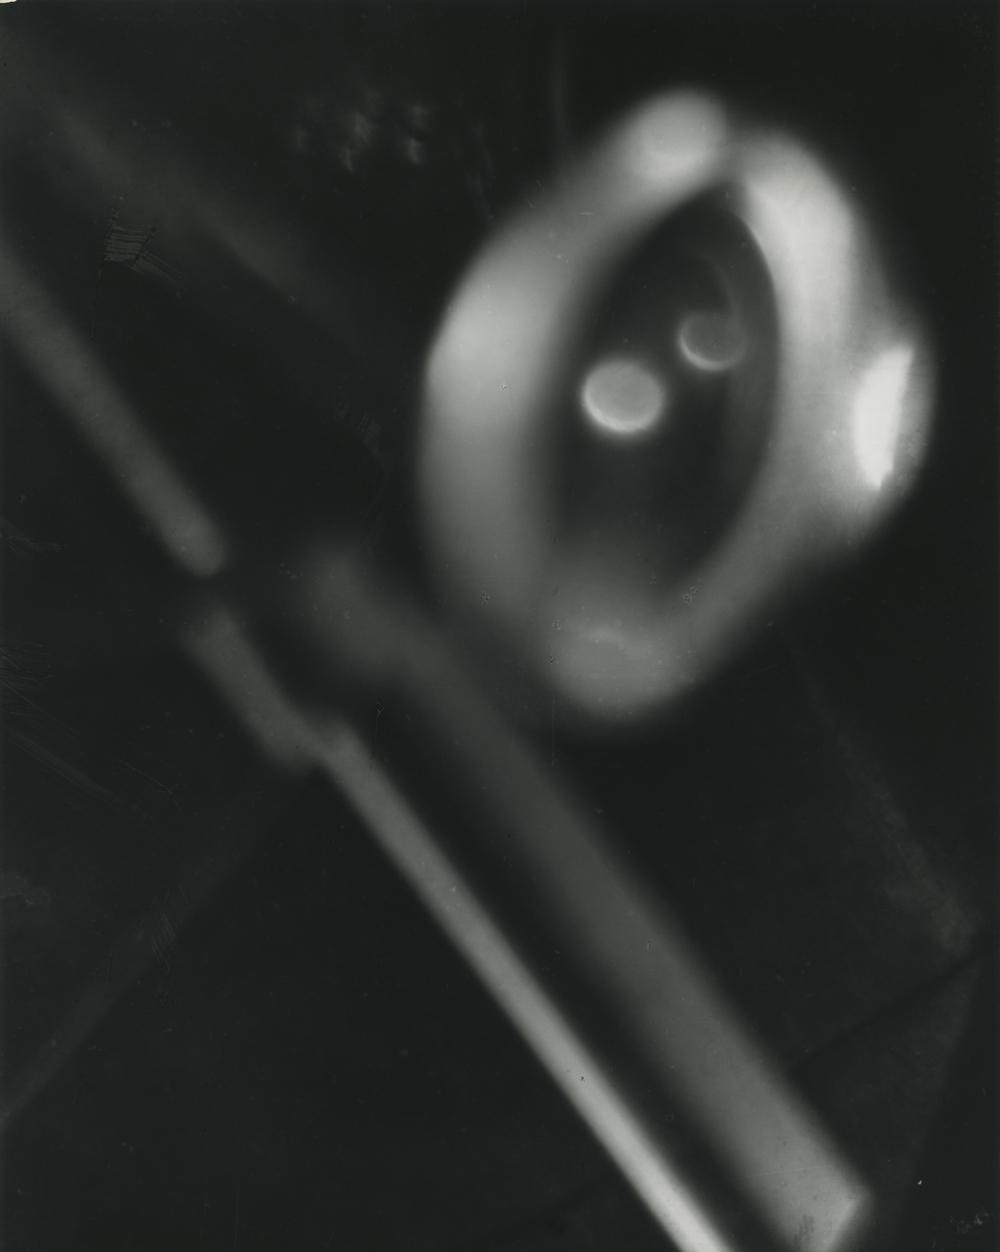 Kanbei Hanaya, Revolving, 1930, Silbergelatineabzug, 25,2 x 20,2 cm, © Kanbei Hanaya